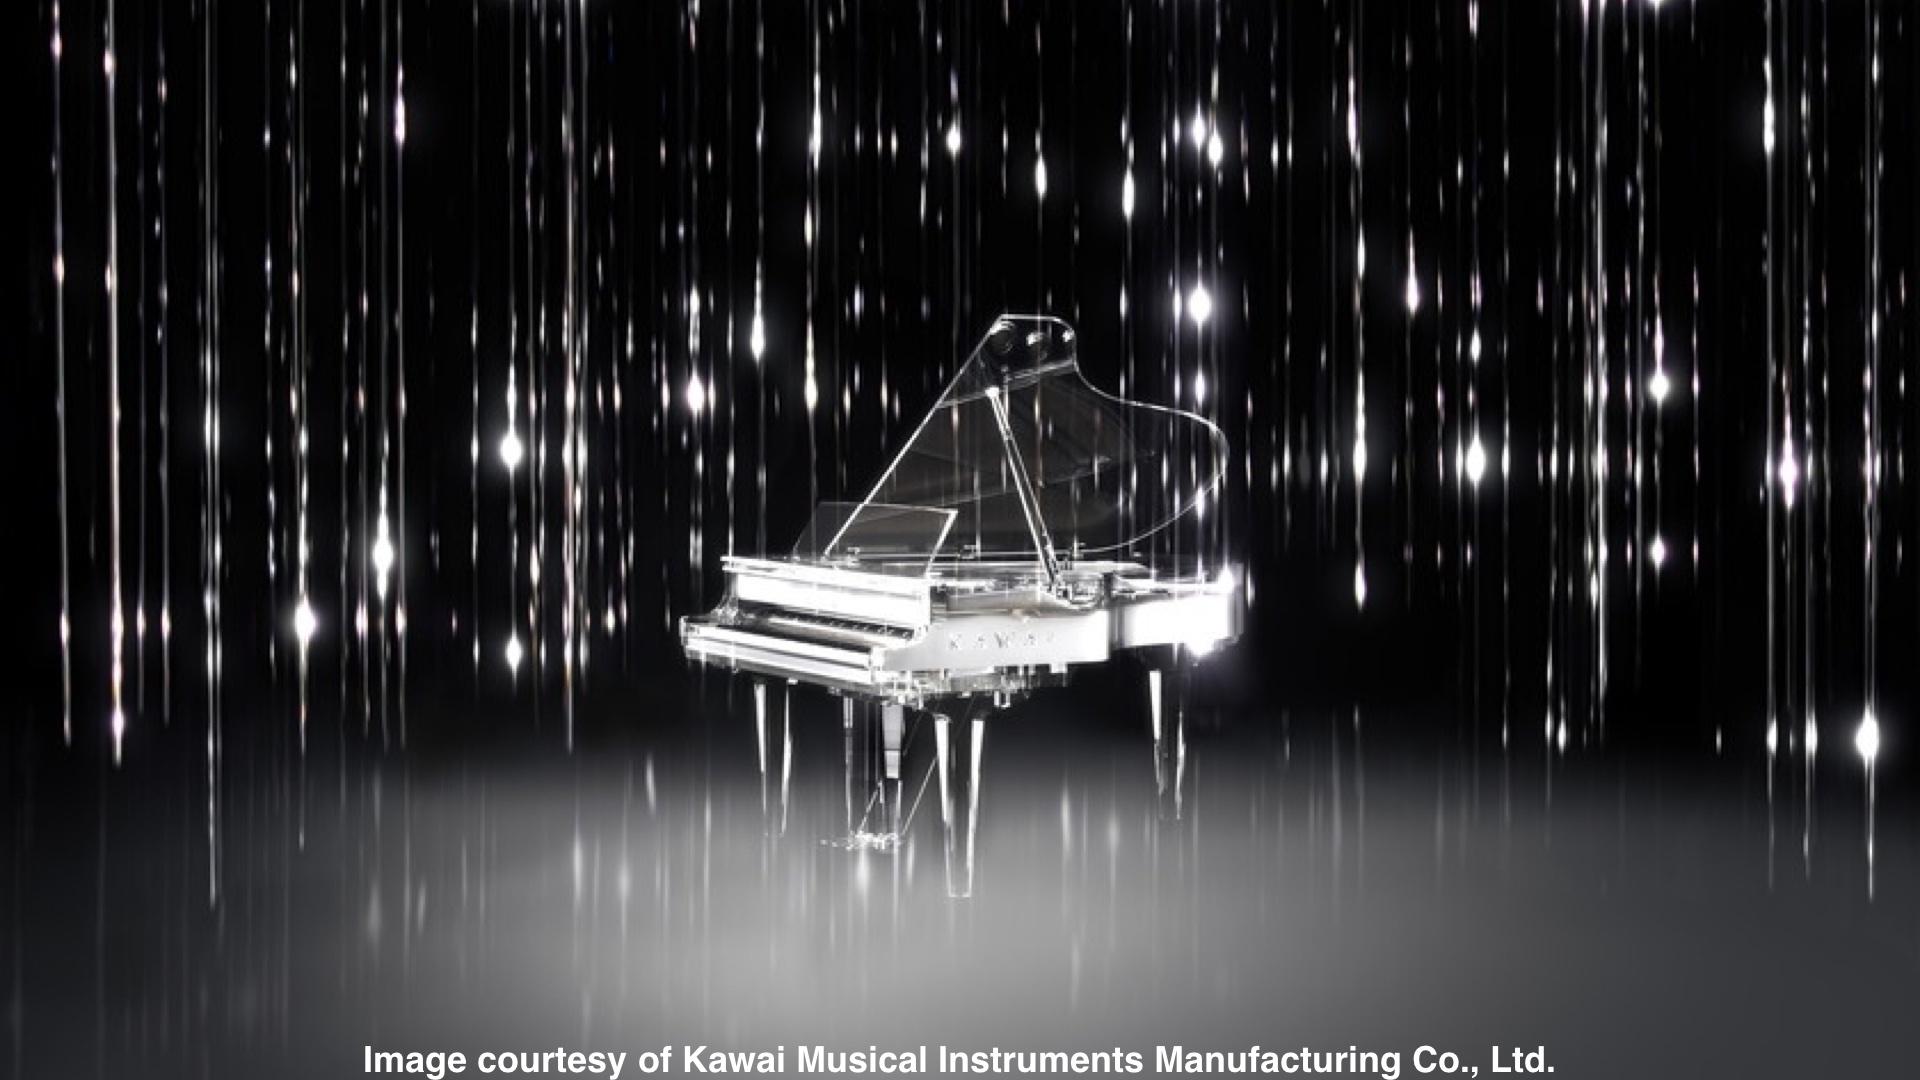 [技術提供]Crystal Rain (Kawai) c/w Lucent Design